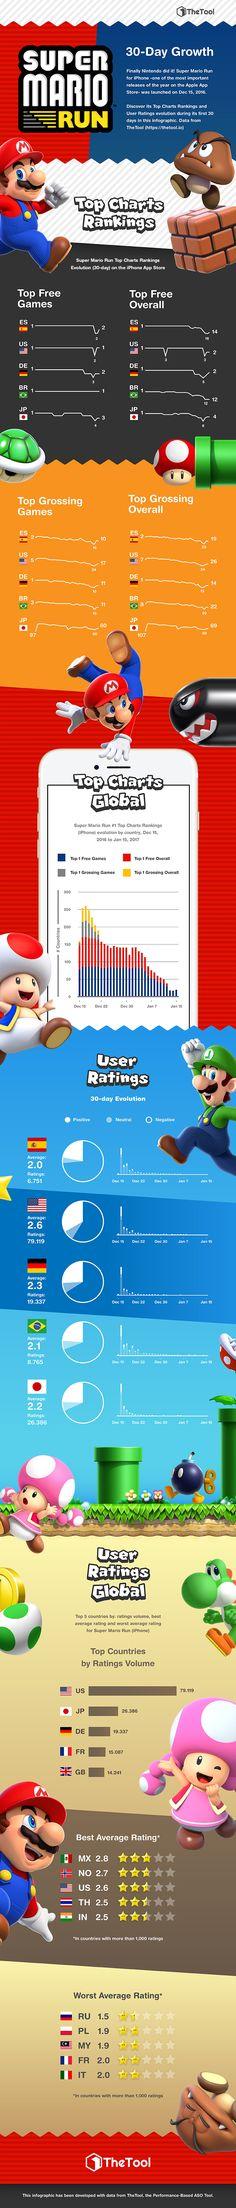 Infographic: Super Mario Run